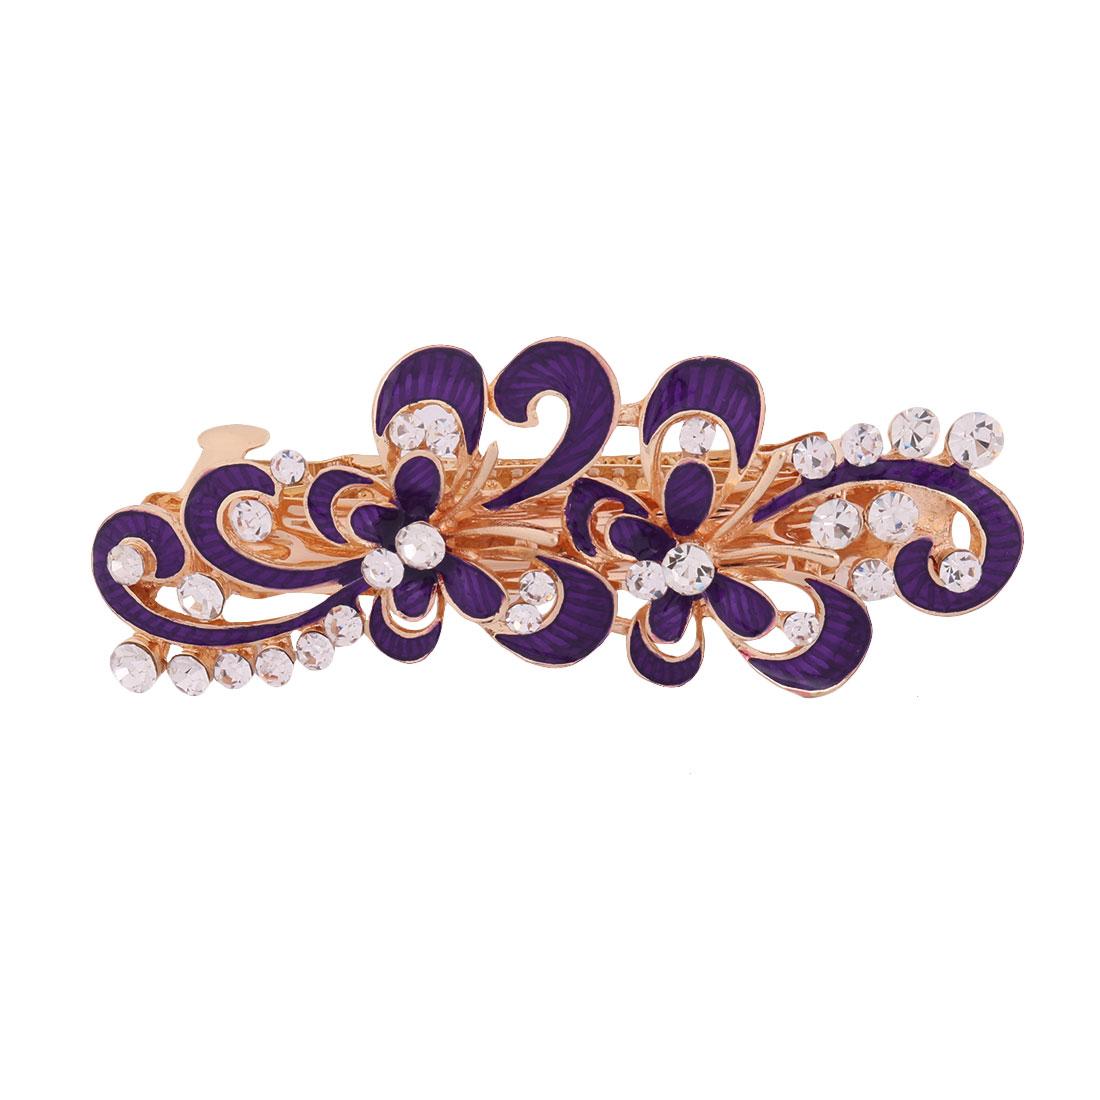 Ladies Metal Flower Design Faux Rhinestones Inlaid Hairstyle Hair Clip Purple